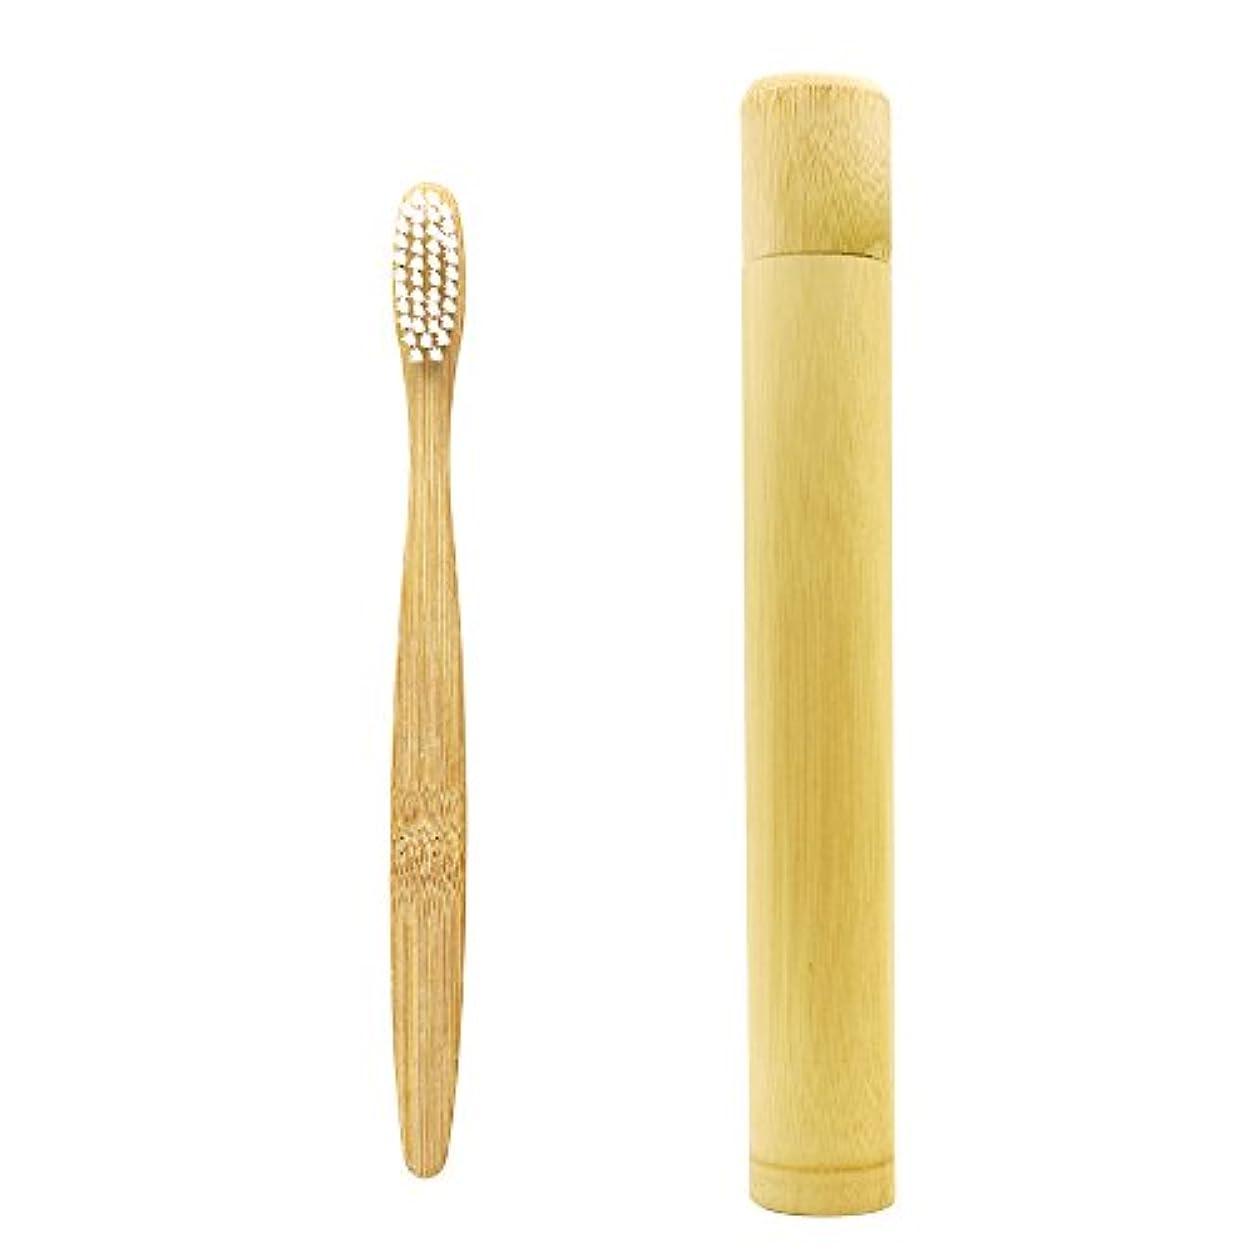 コンチネンタル小競り合いペチュランスN-amboo 竹製耐久度高い 白い歯ブラシ 携帯用 ケース付き セット 軽量 携帯便利 出張旅行